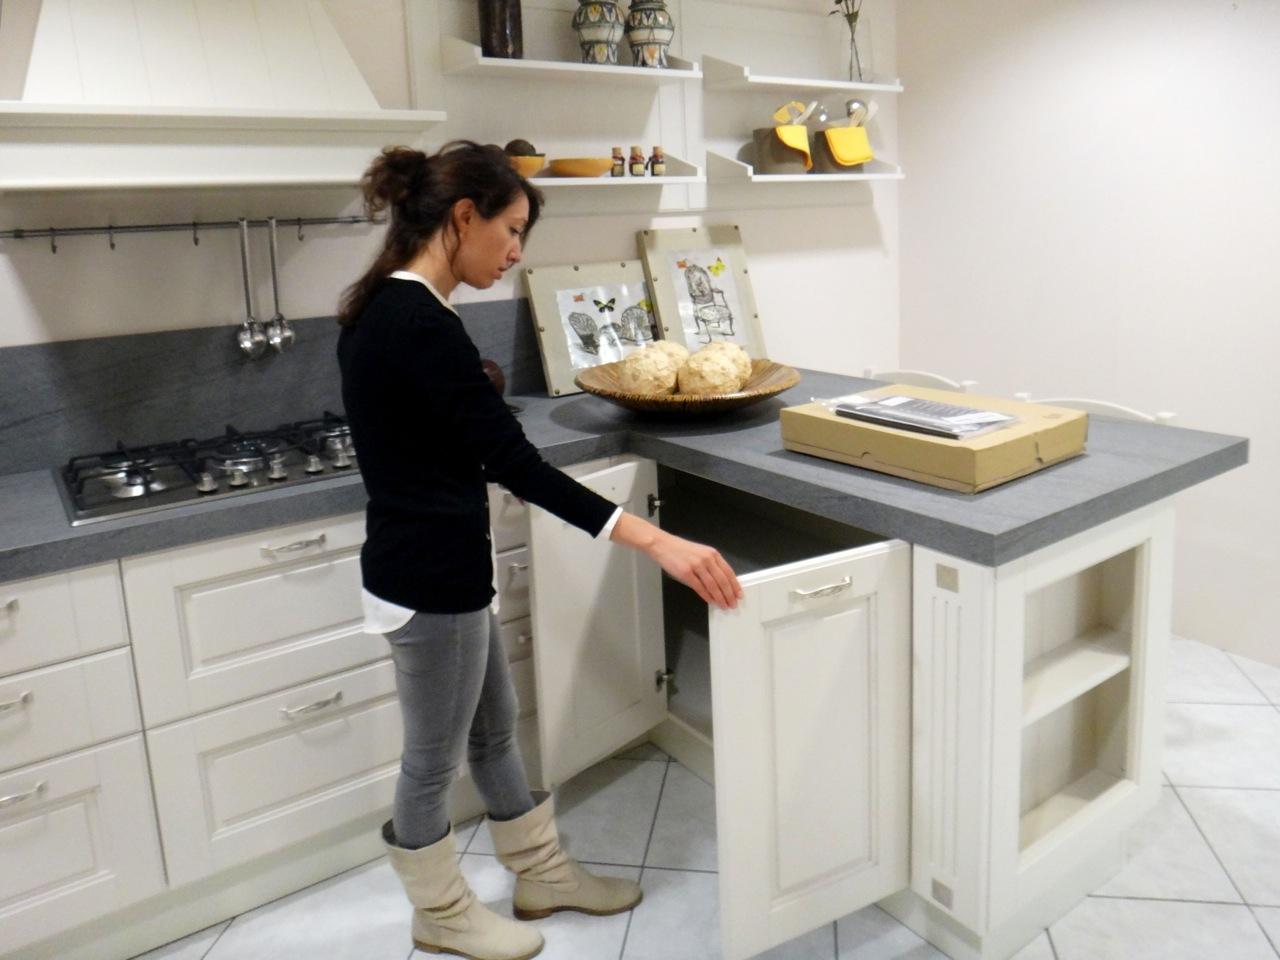 Cucina lube cucine agnese classica legno bianca cucine a - Top cucina laminato opinioni ...